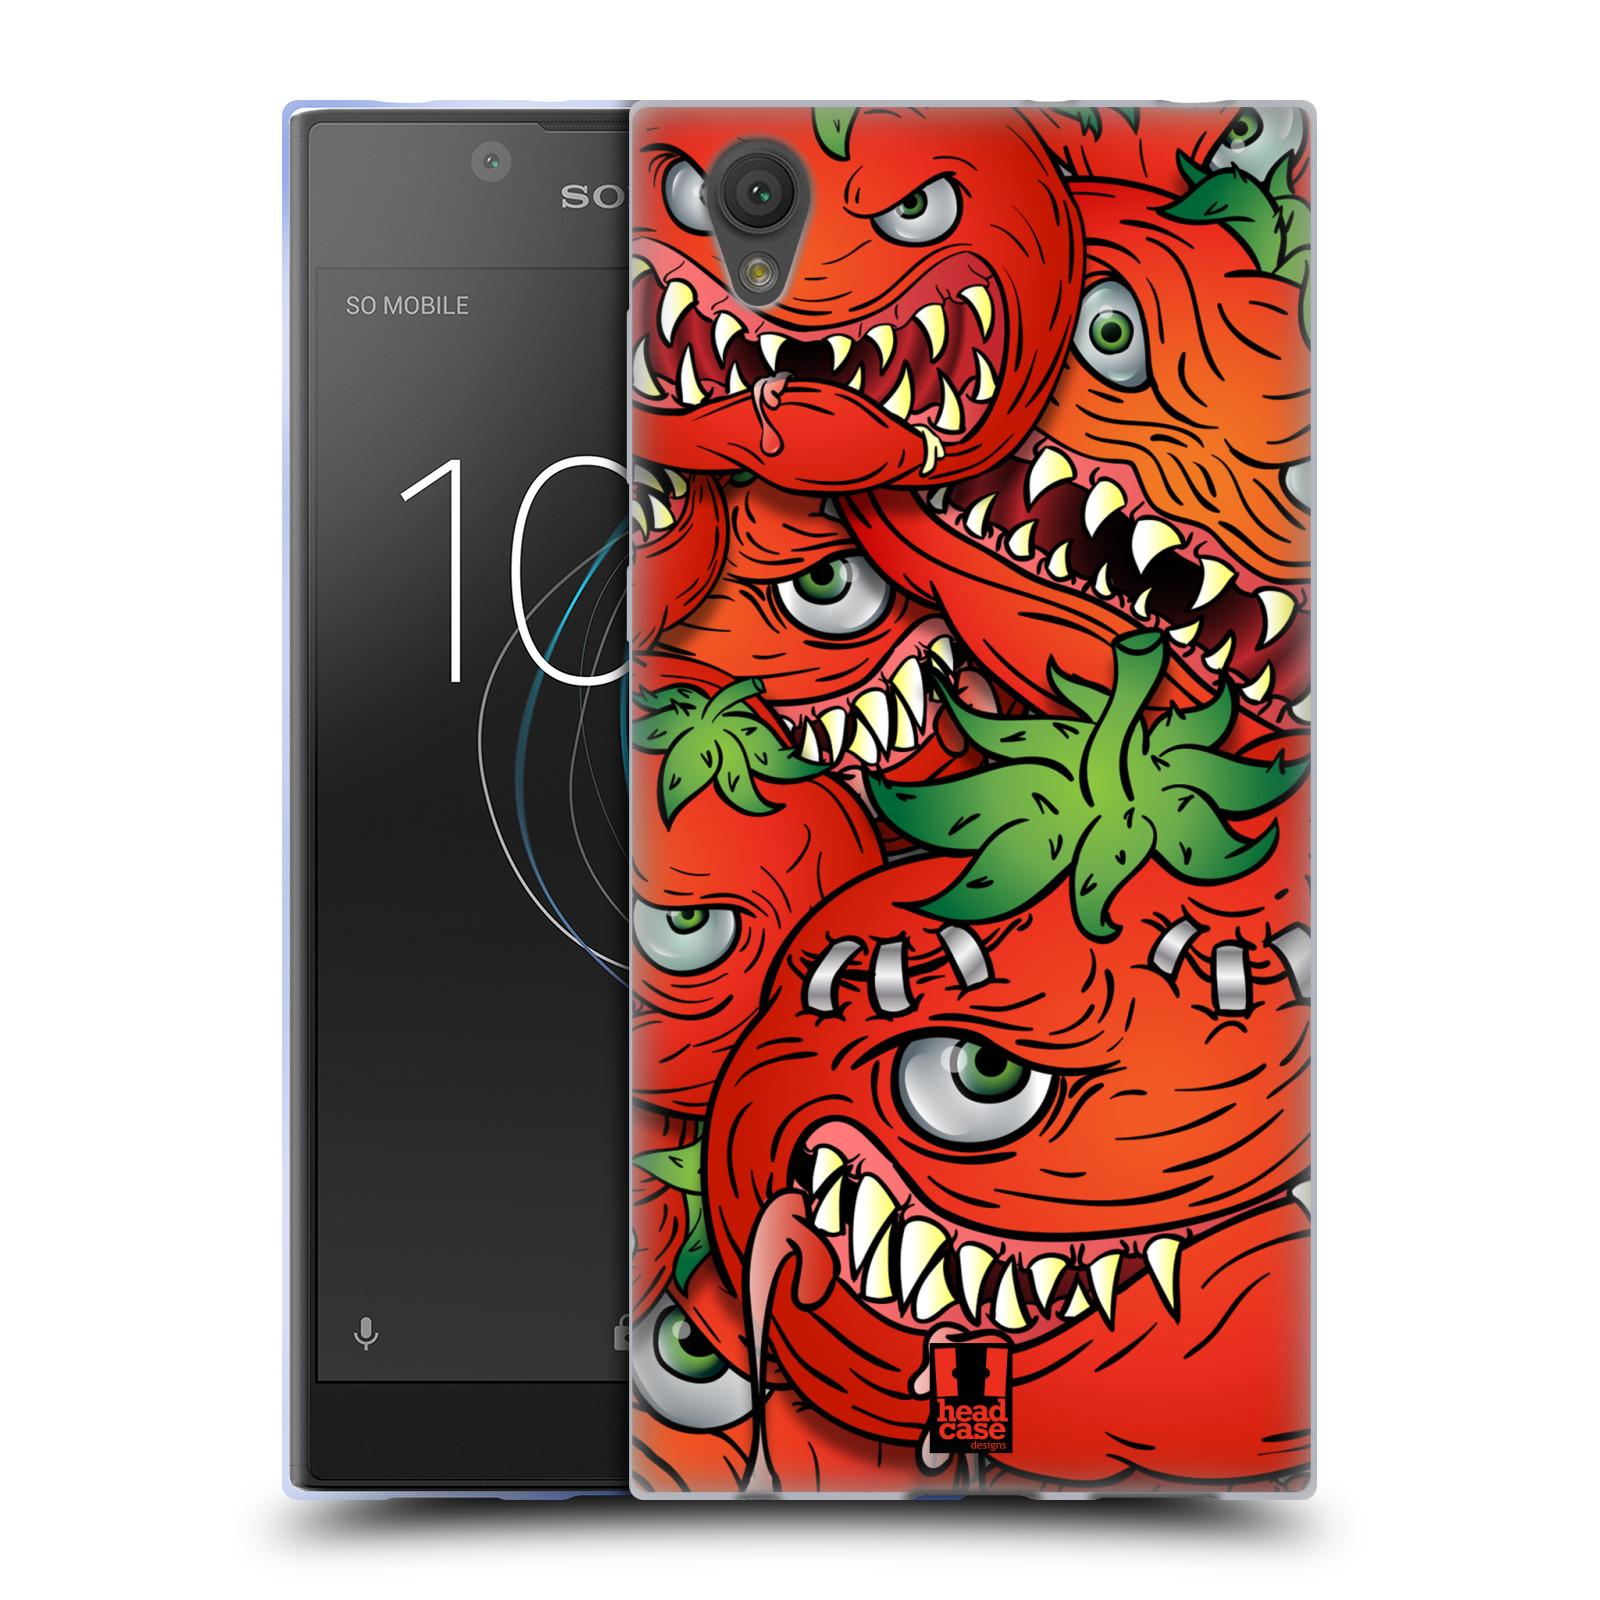 Silikonové pouzdro na mobil Sony Xperia L1 - Head Case - Rajčátka